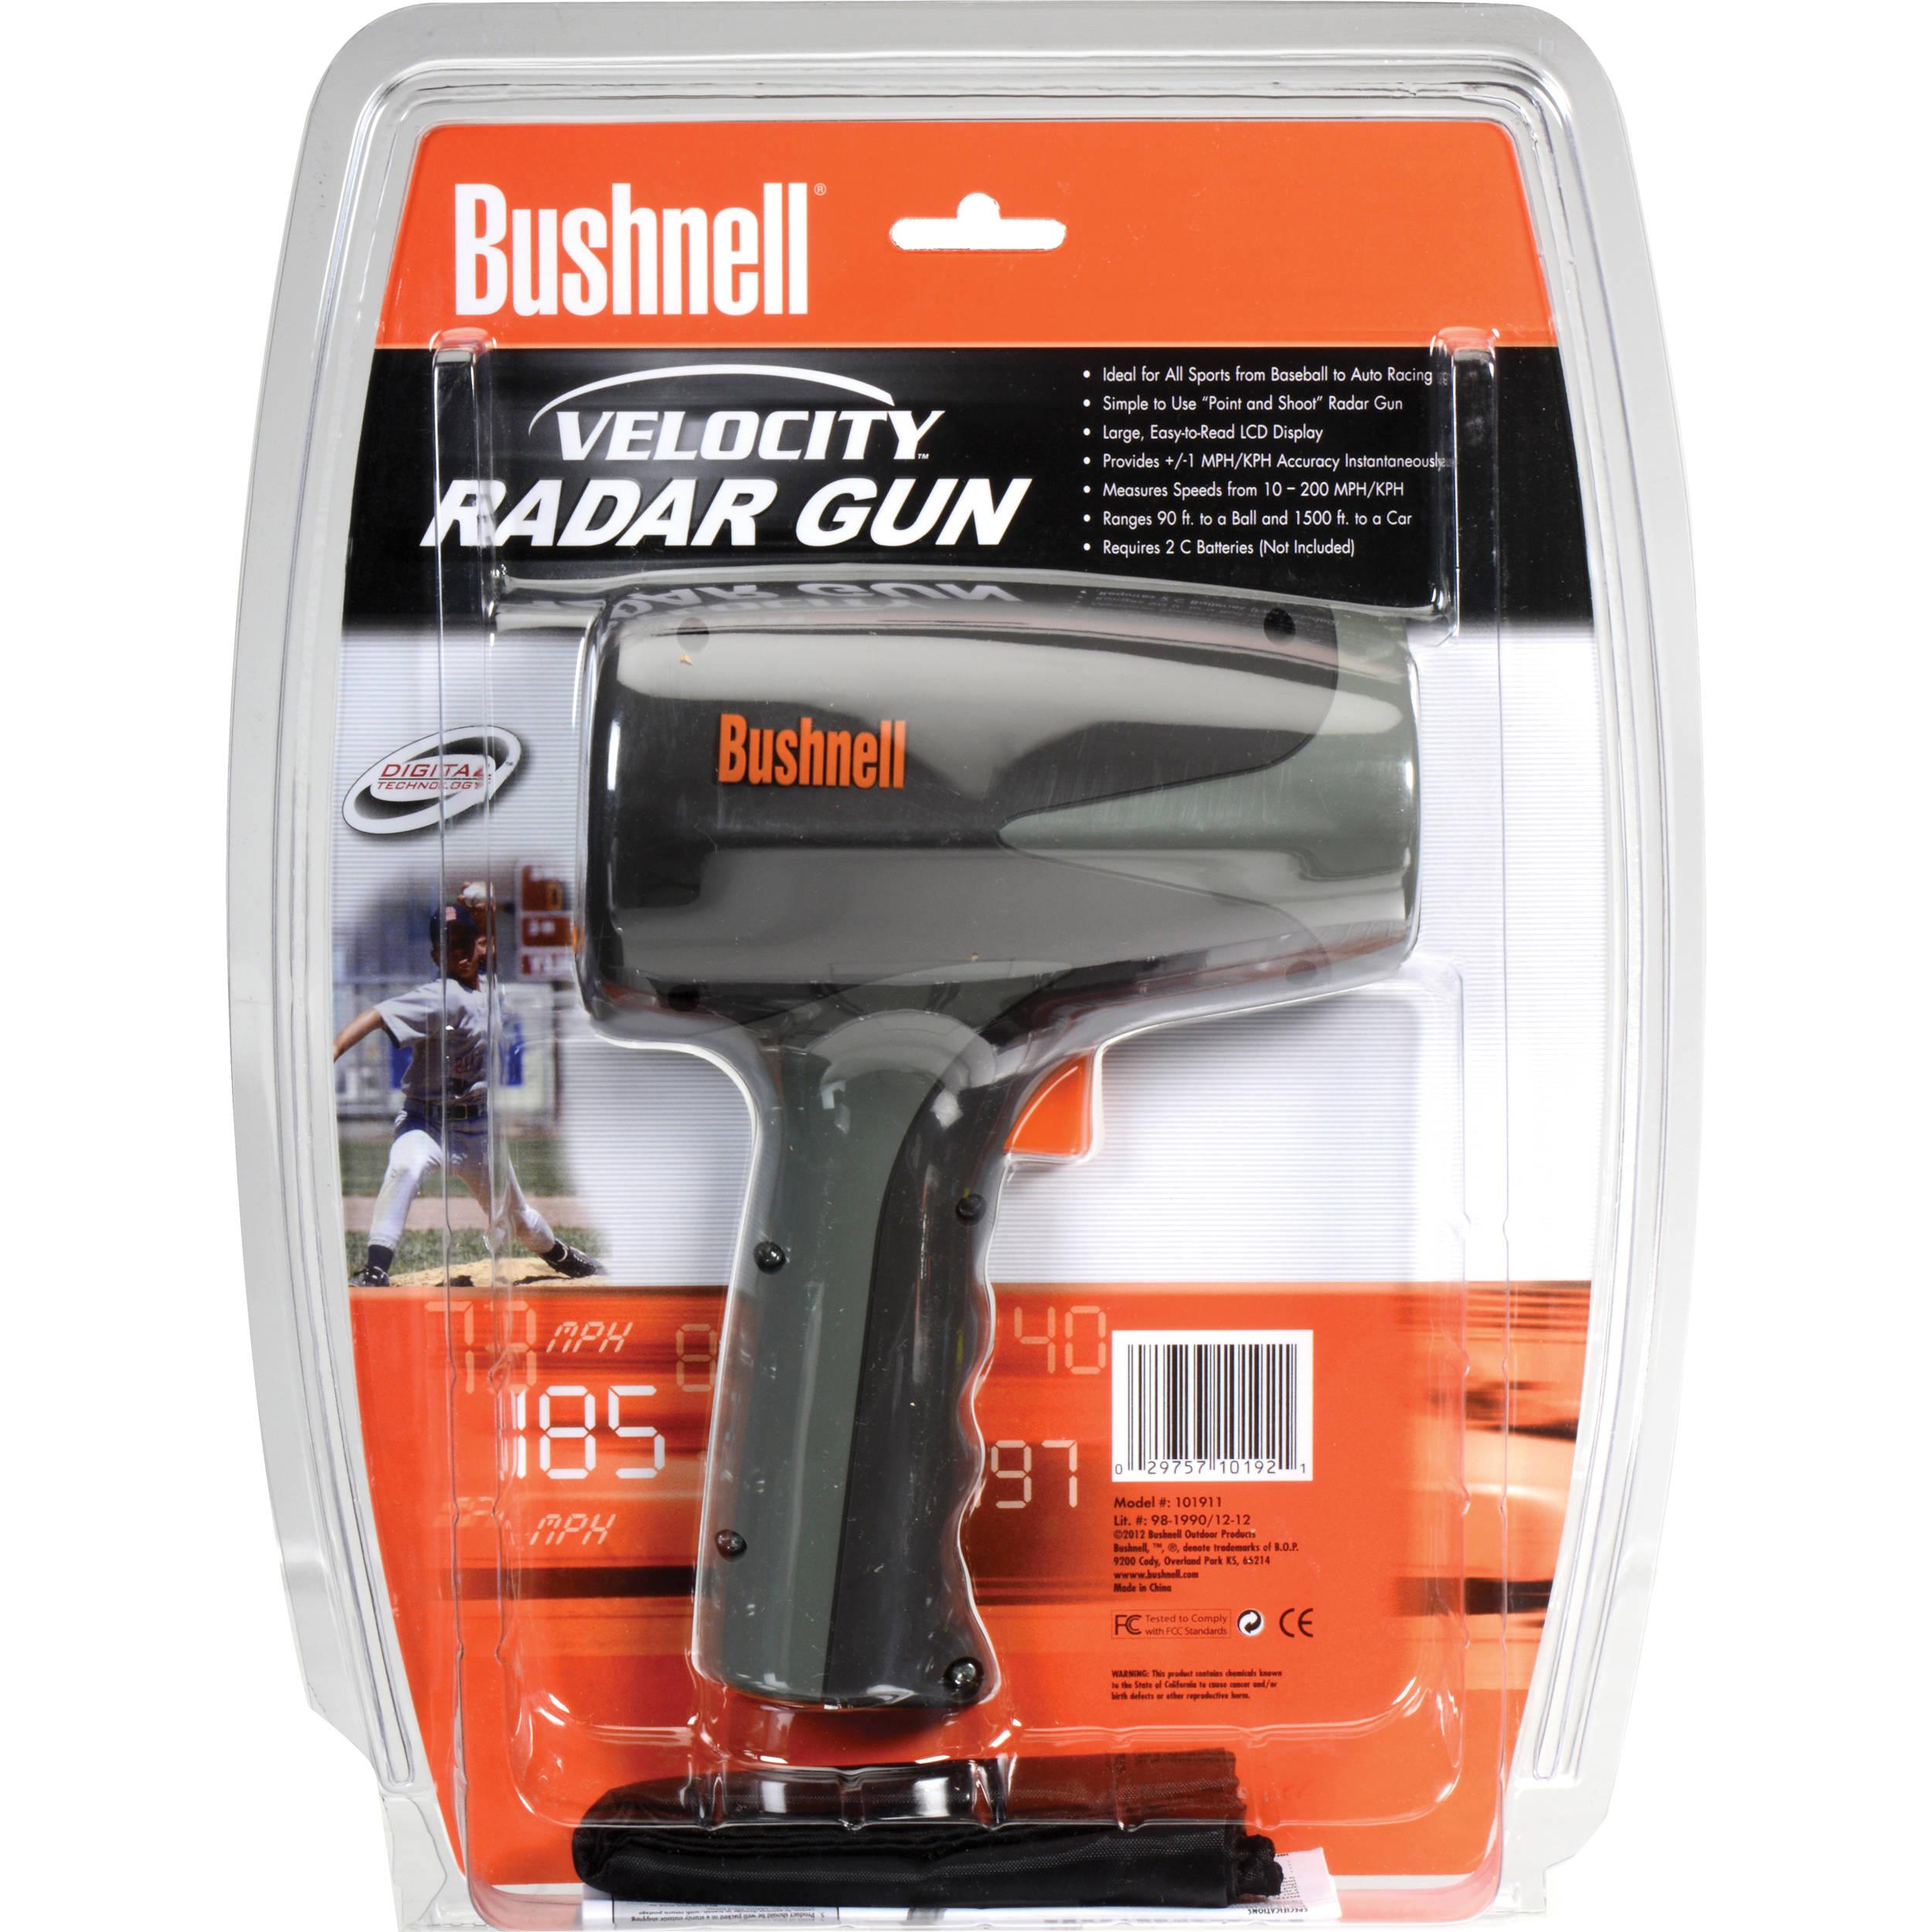 Bushnell Velocity Speed Gun 101911